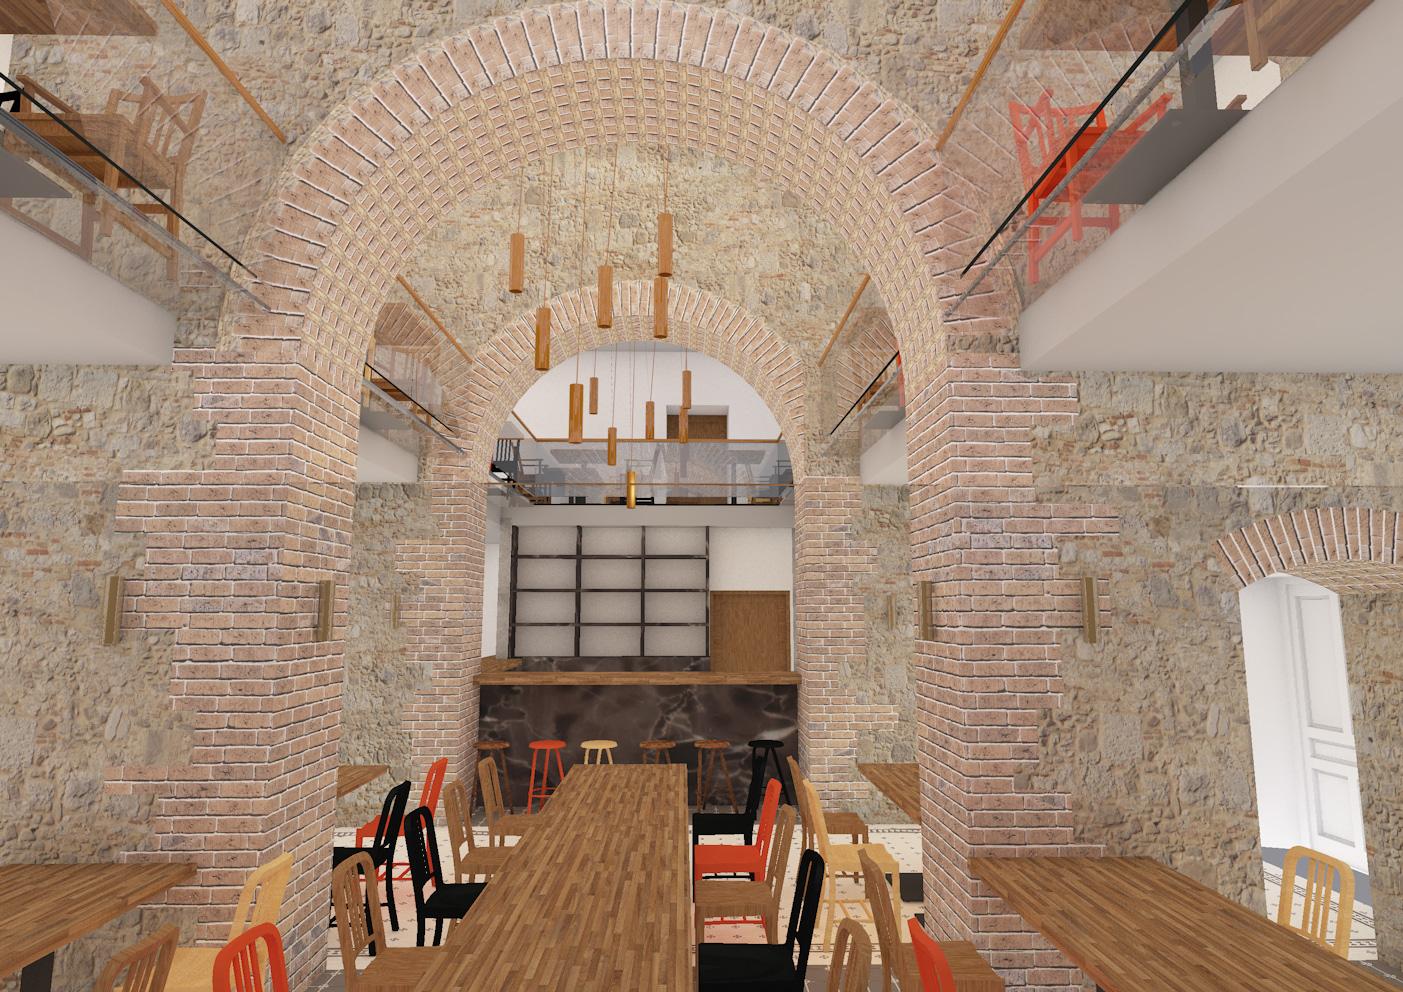 browar donnesmarckow, wnetrze, stoliki, bar, nadzor budowlany